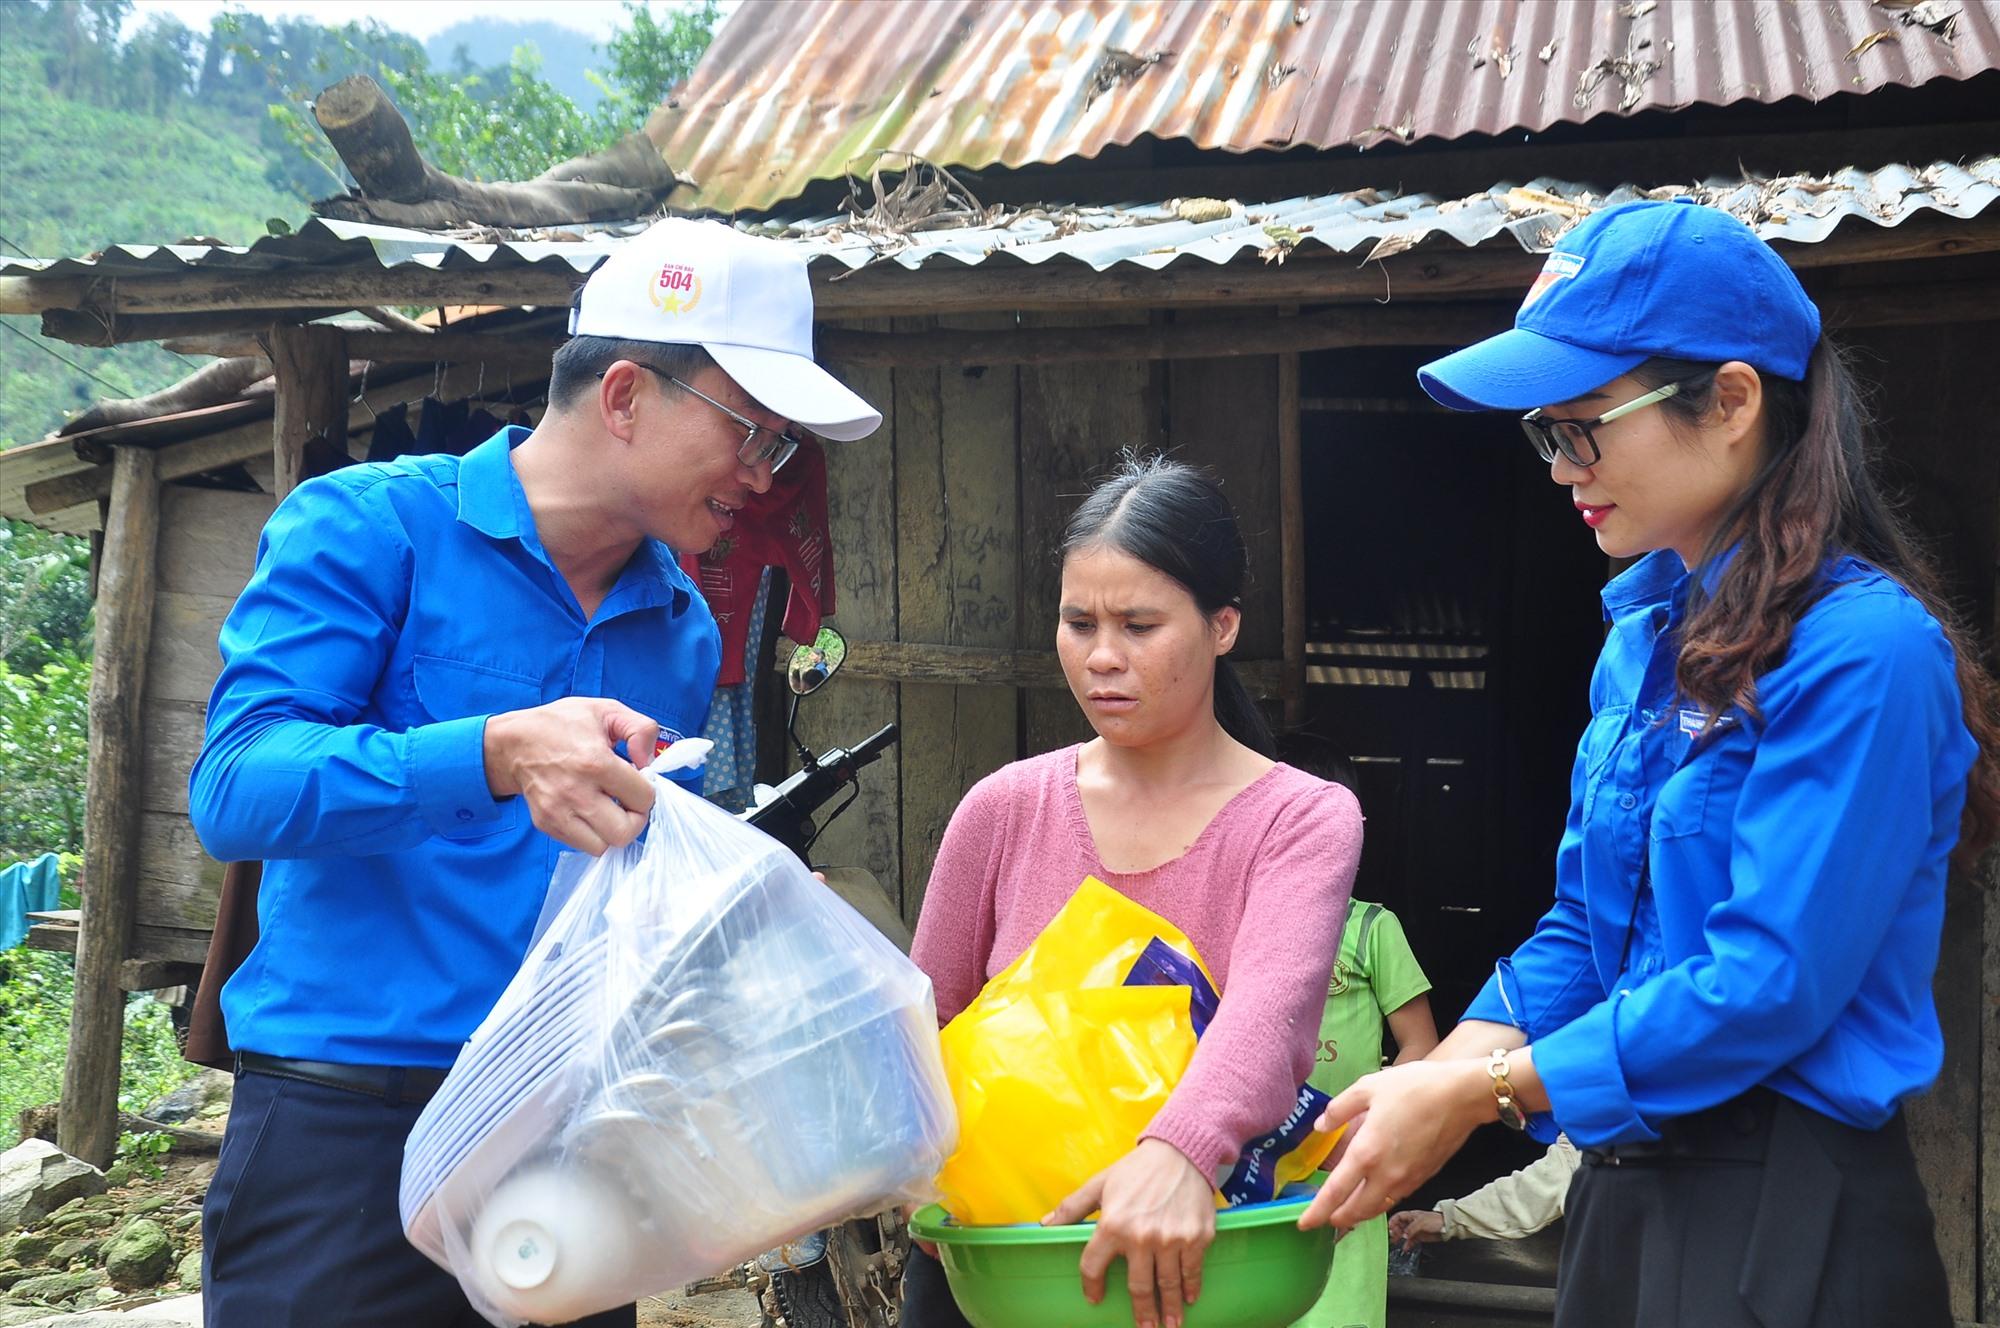 Trước đó, Phó Bí thư Thường trực Tỉnh đoàn Nguyễn Xuân Đức cùng đại diện Huyện đoàn Nam Trà My đã đến thăm hỏi, trao các phần quà gồm chăn mền, nhu yếu phầm, vật dụng gia đình và tặng bữa cơm cho các hộ dân ở xã Trà Dơn. Ảnh: VINH ANH